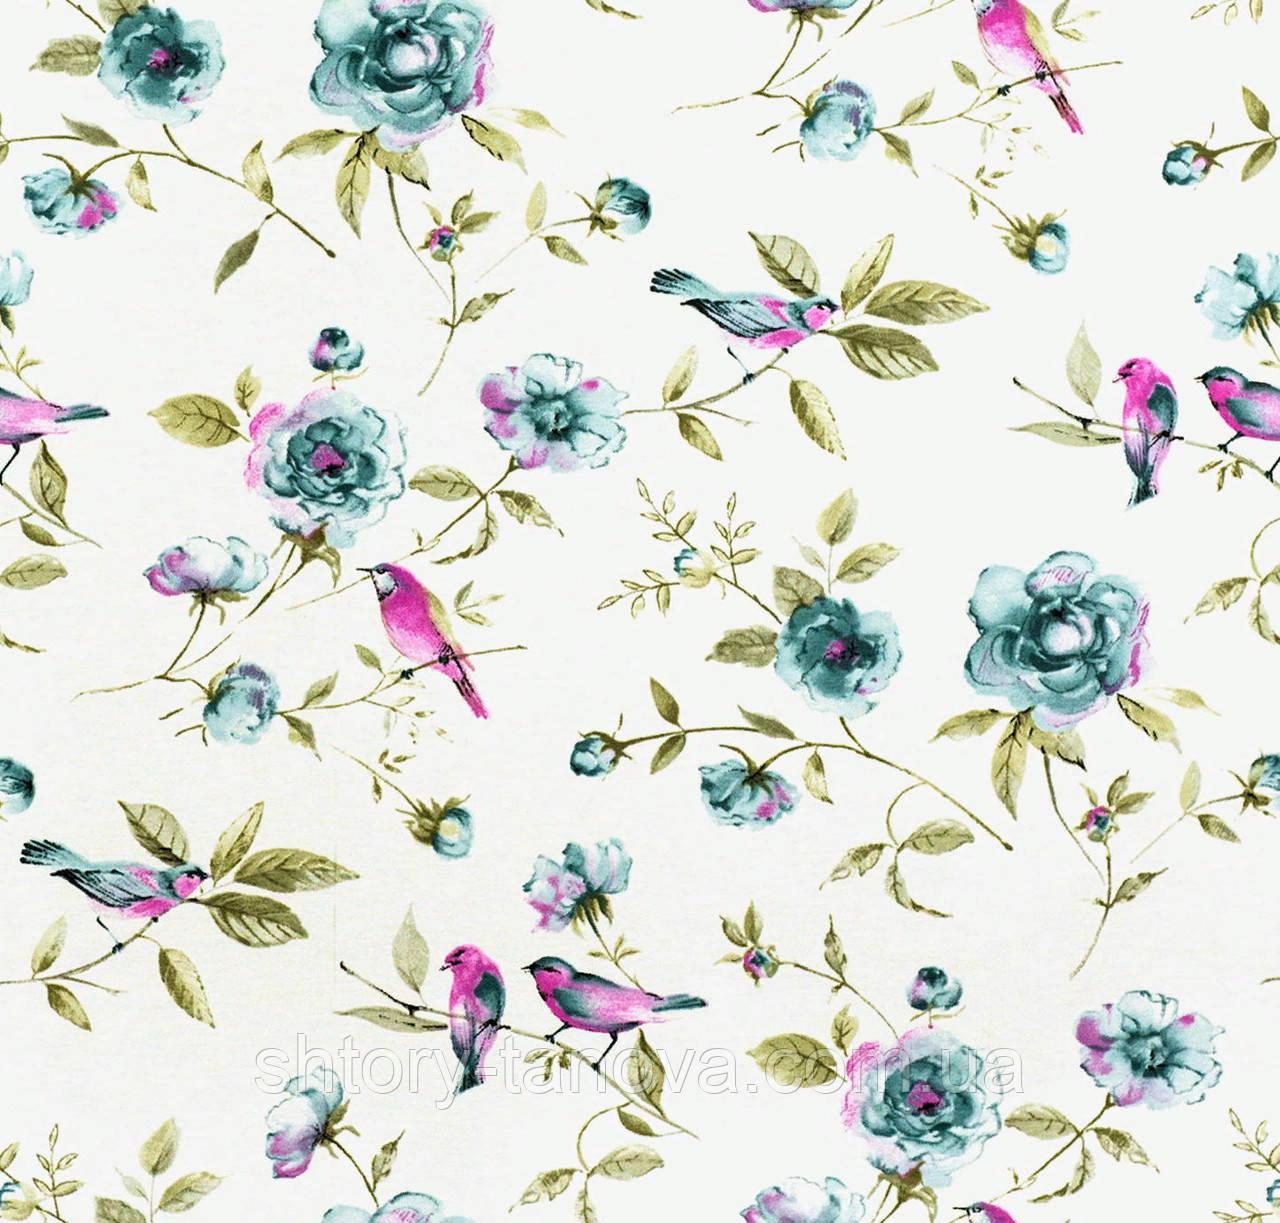 купить ткань для штор с цветами